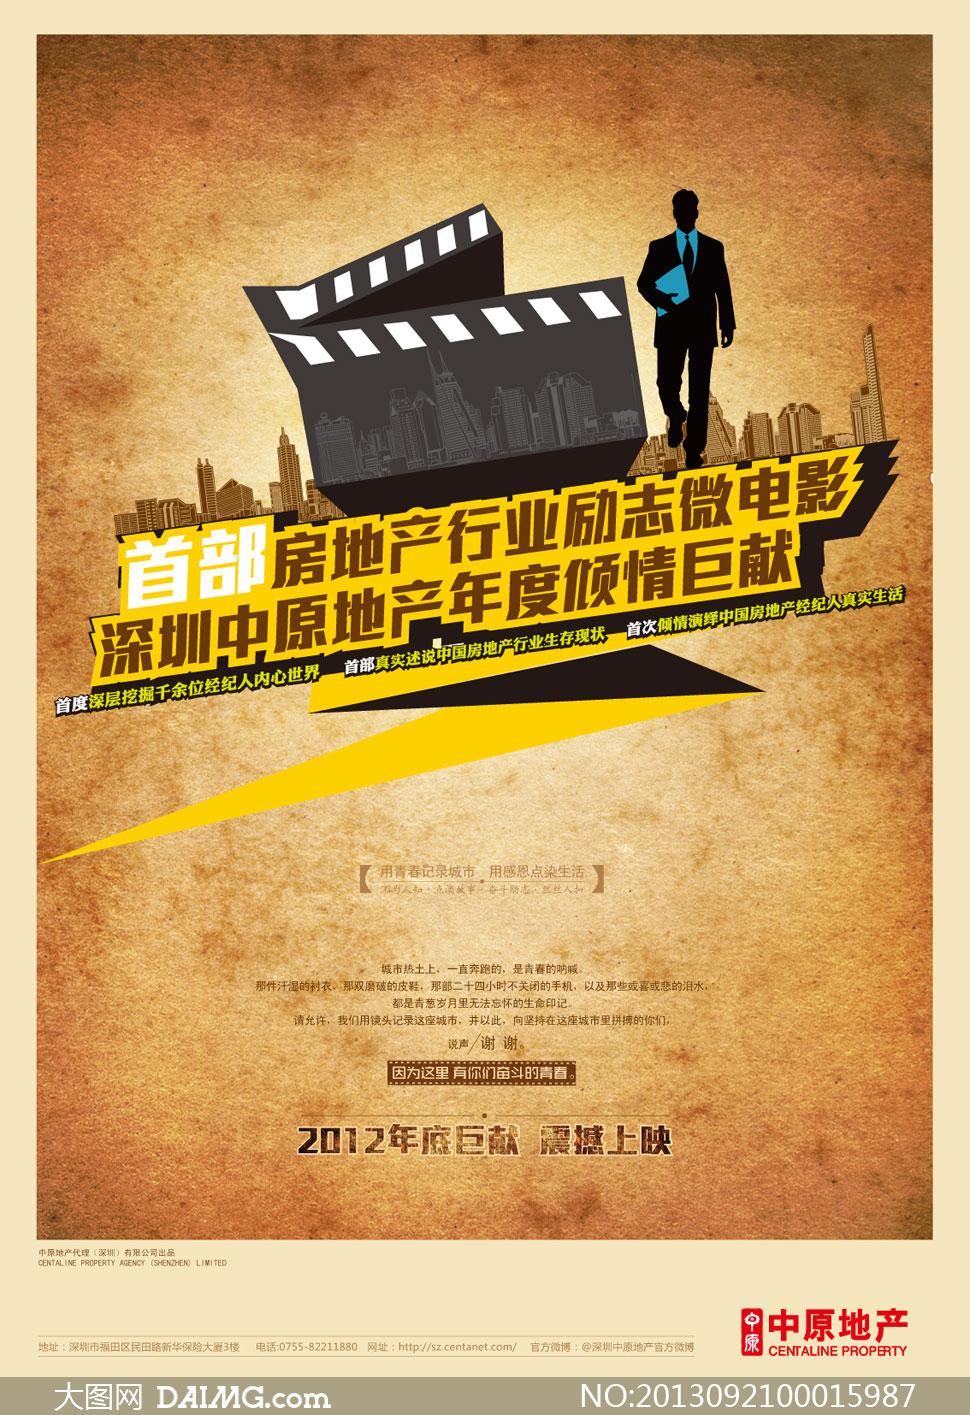 房地产行业励志微电影海报矢量素材